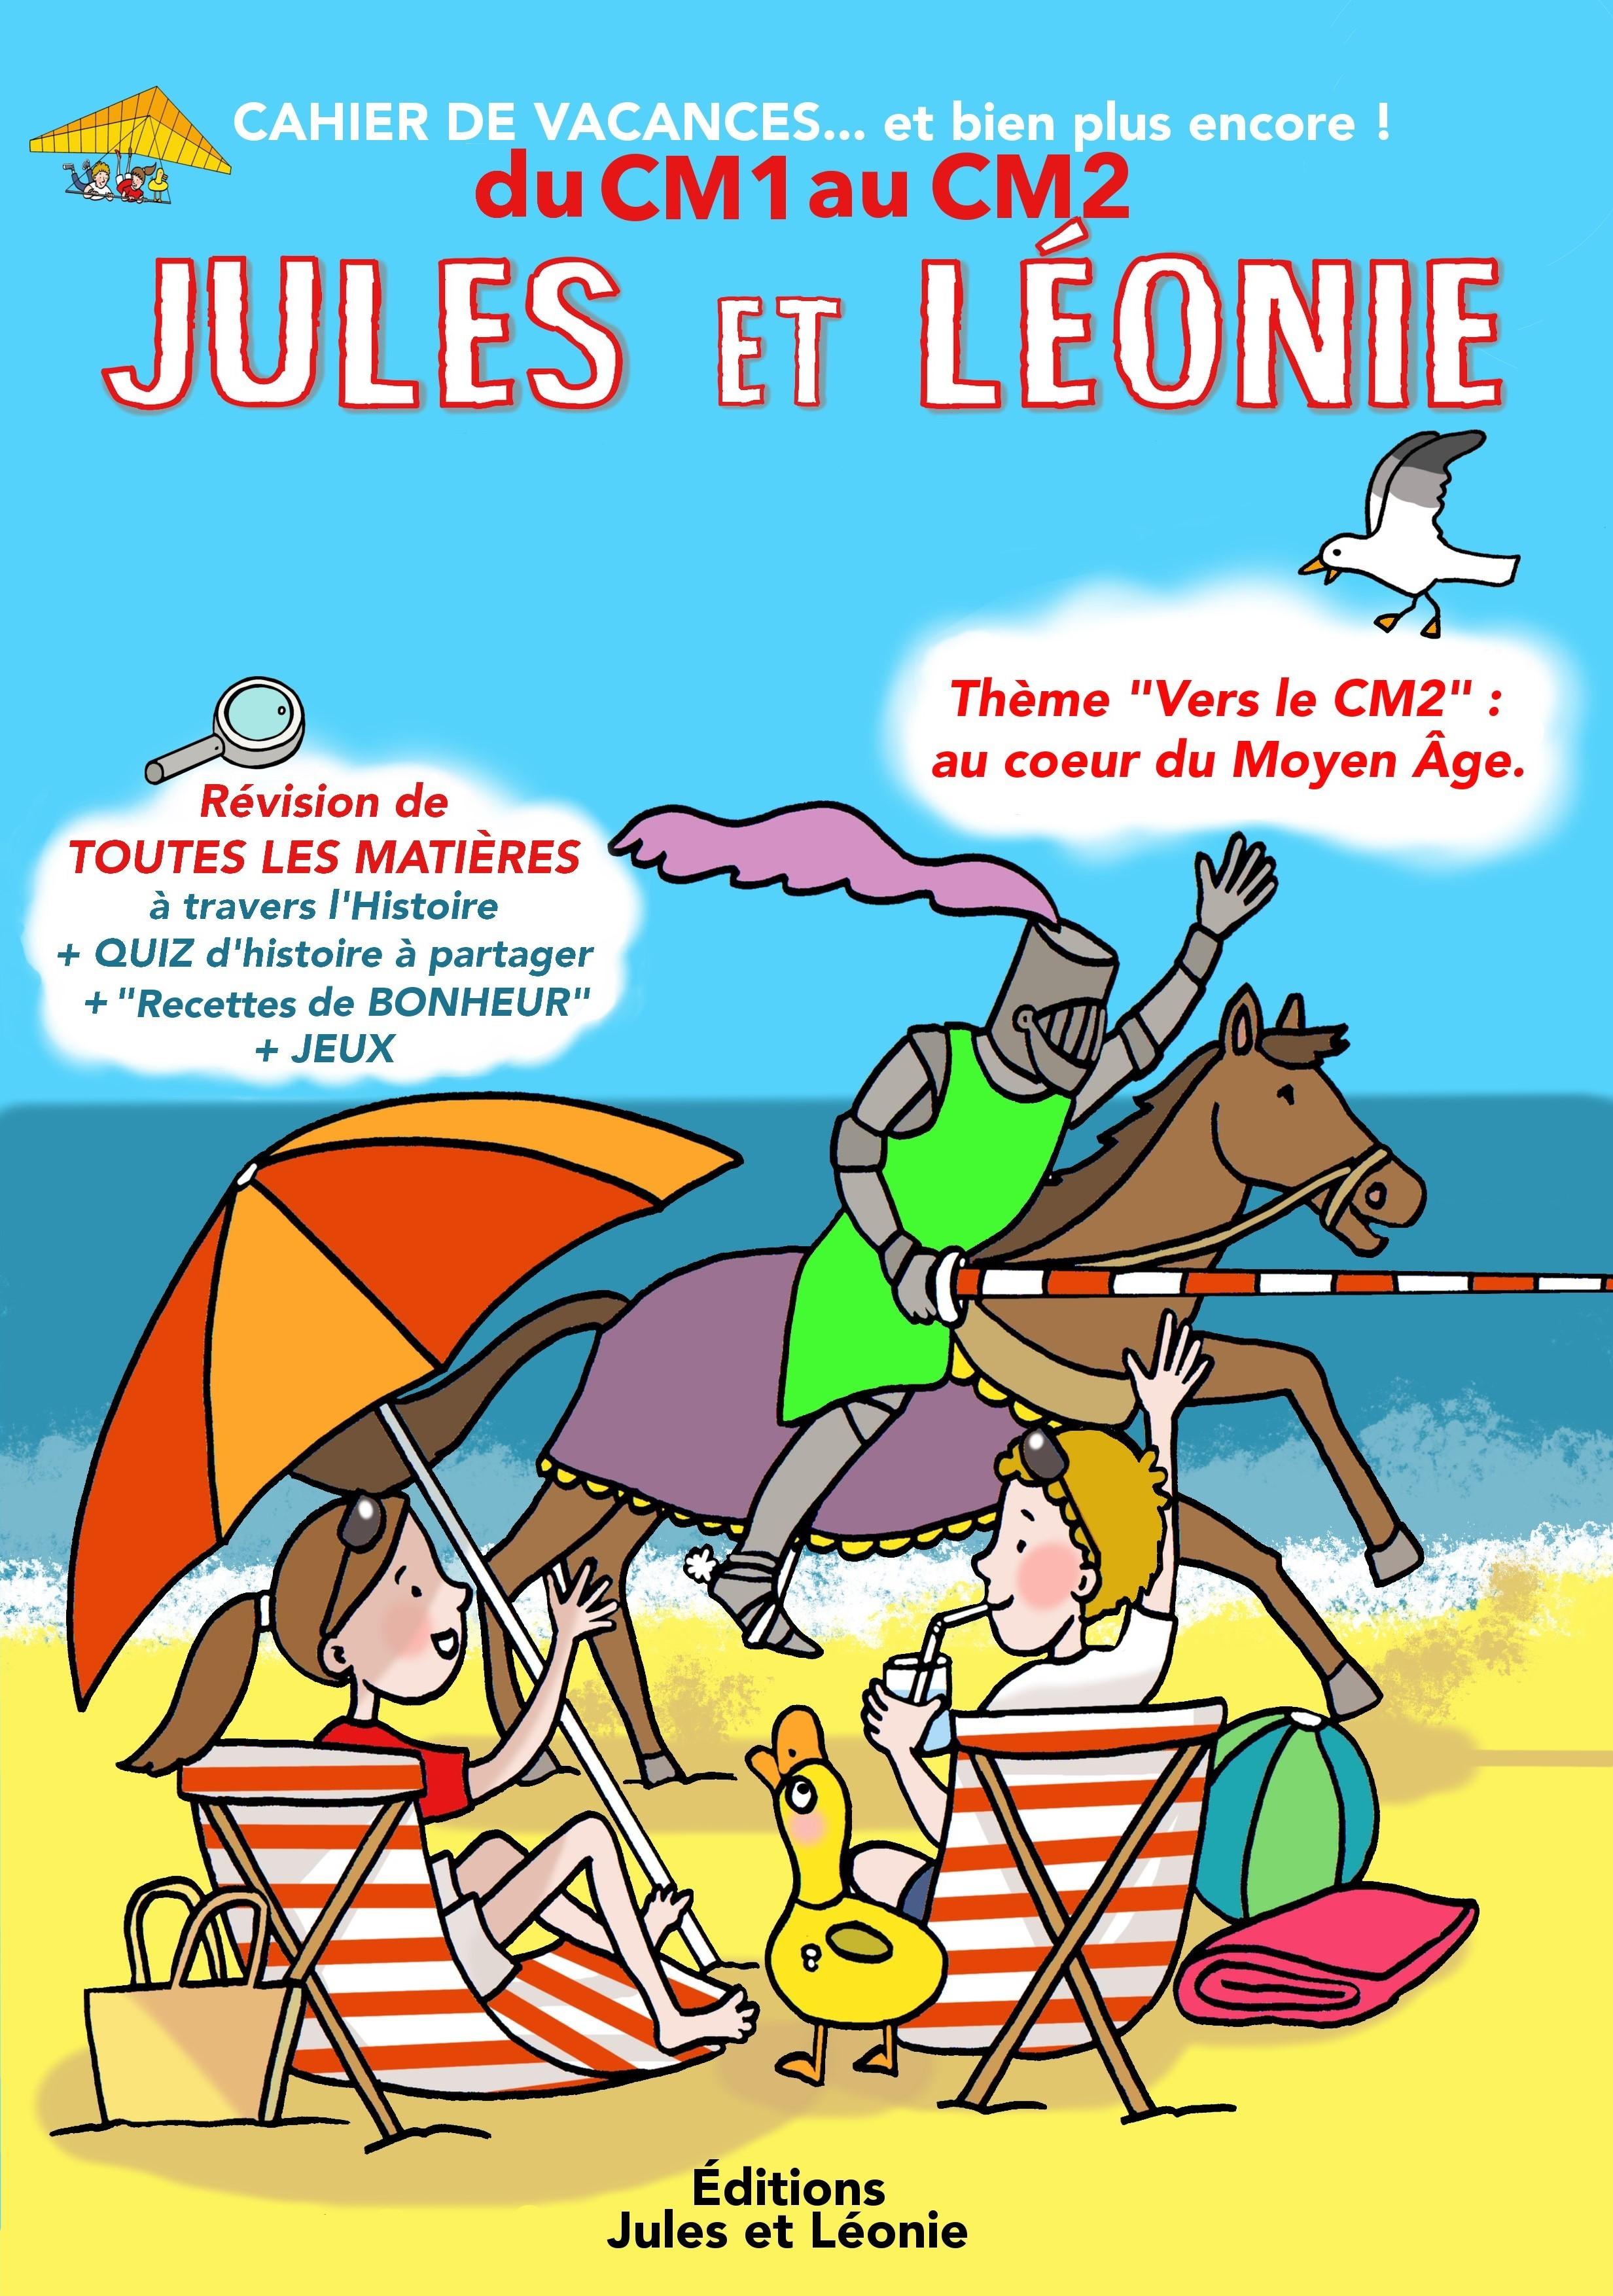 Les cahiers de vacances Jules et Léonie